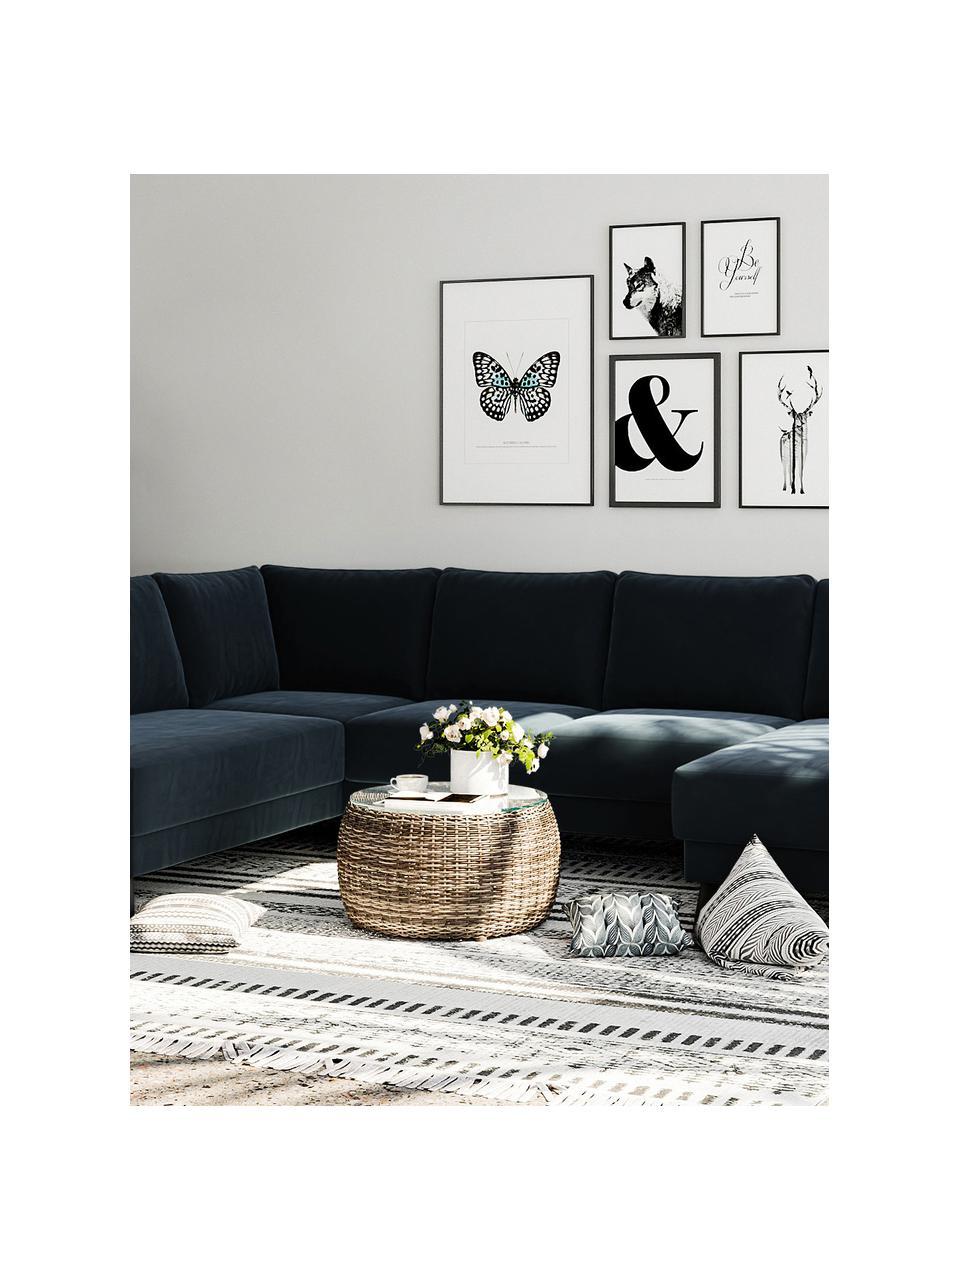 Sofa narożna XL z aksamitu Fynn, Tapicerka: 100% aksamit poliestrowy, Stelaż: drewno liściaste, drewno , Nogi: drewno lakierowane Dzięki, Ciemny niebieski, S 306 x G 200 cm